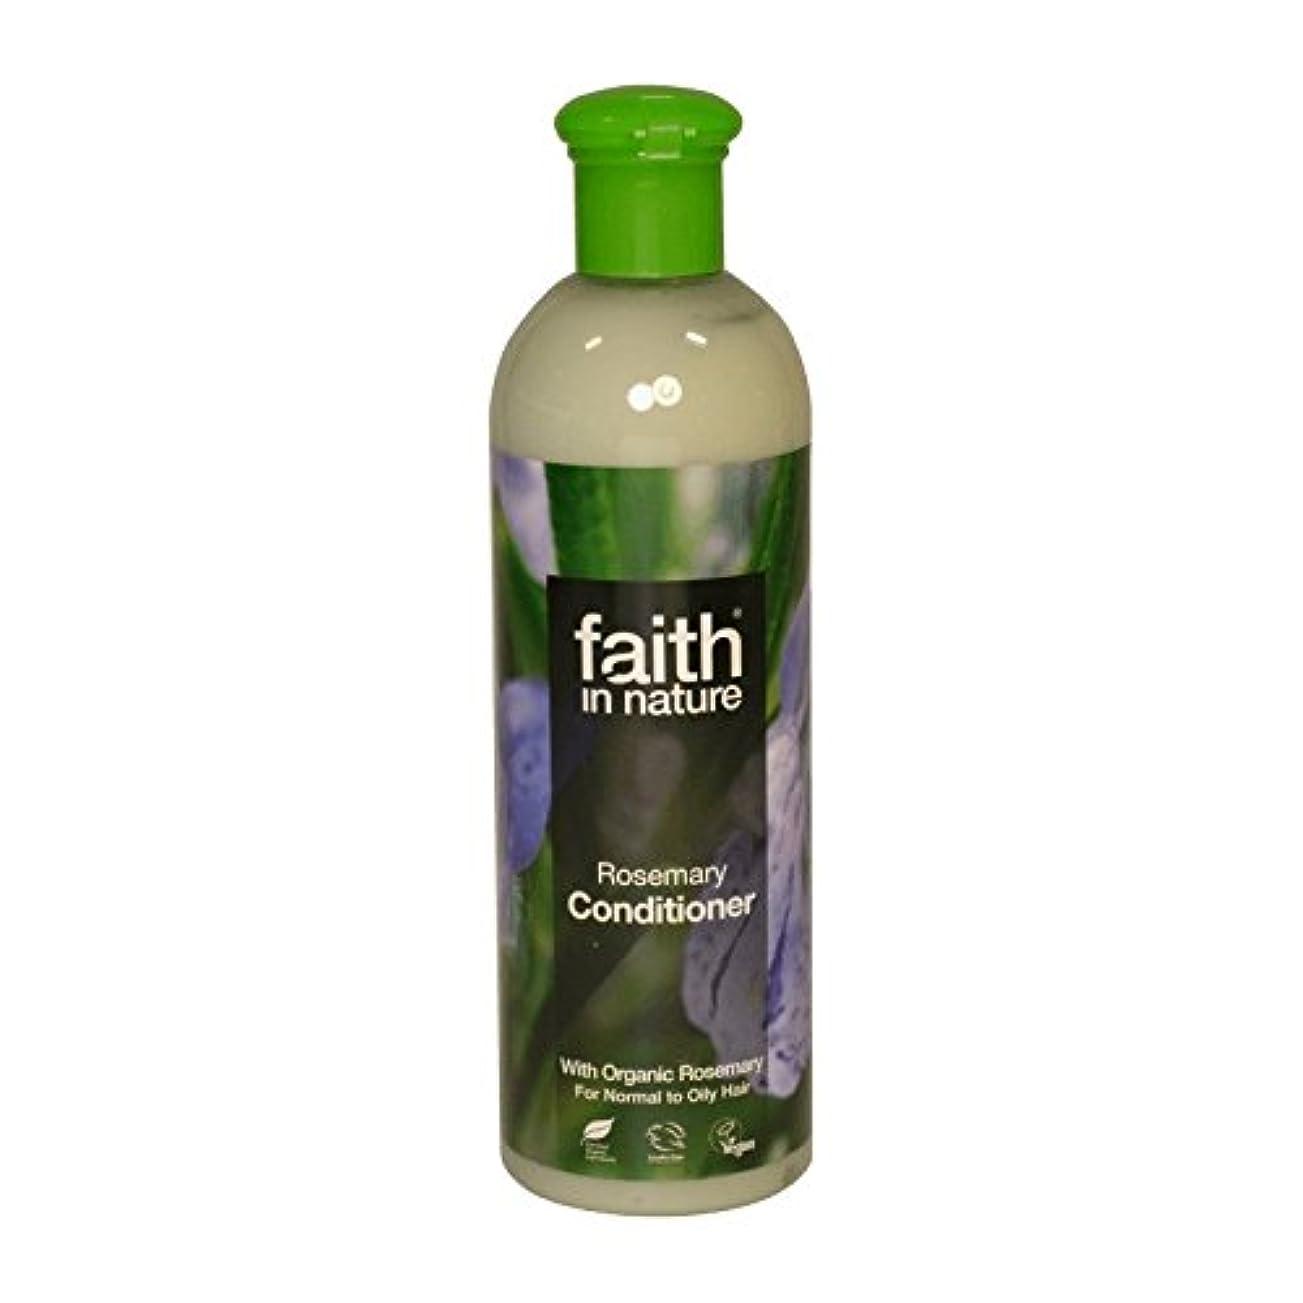 毛細血管性格サイトライン自然ローズマリーコンディショナー400ミリリットルの信仰 - Faith in Nature Rosemary Conditioner 400ml (Faith in Nature) [並行輸入品]